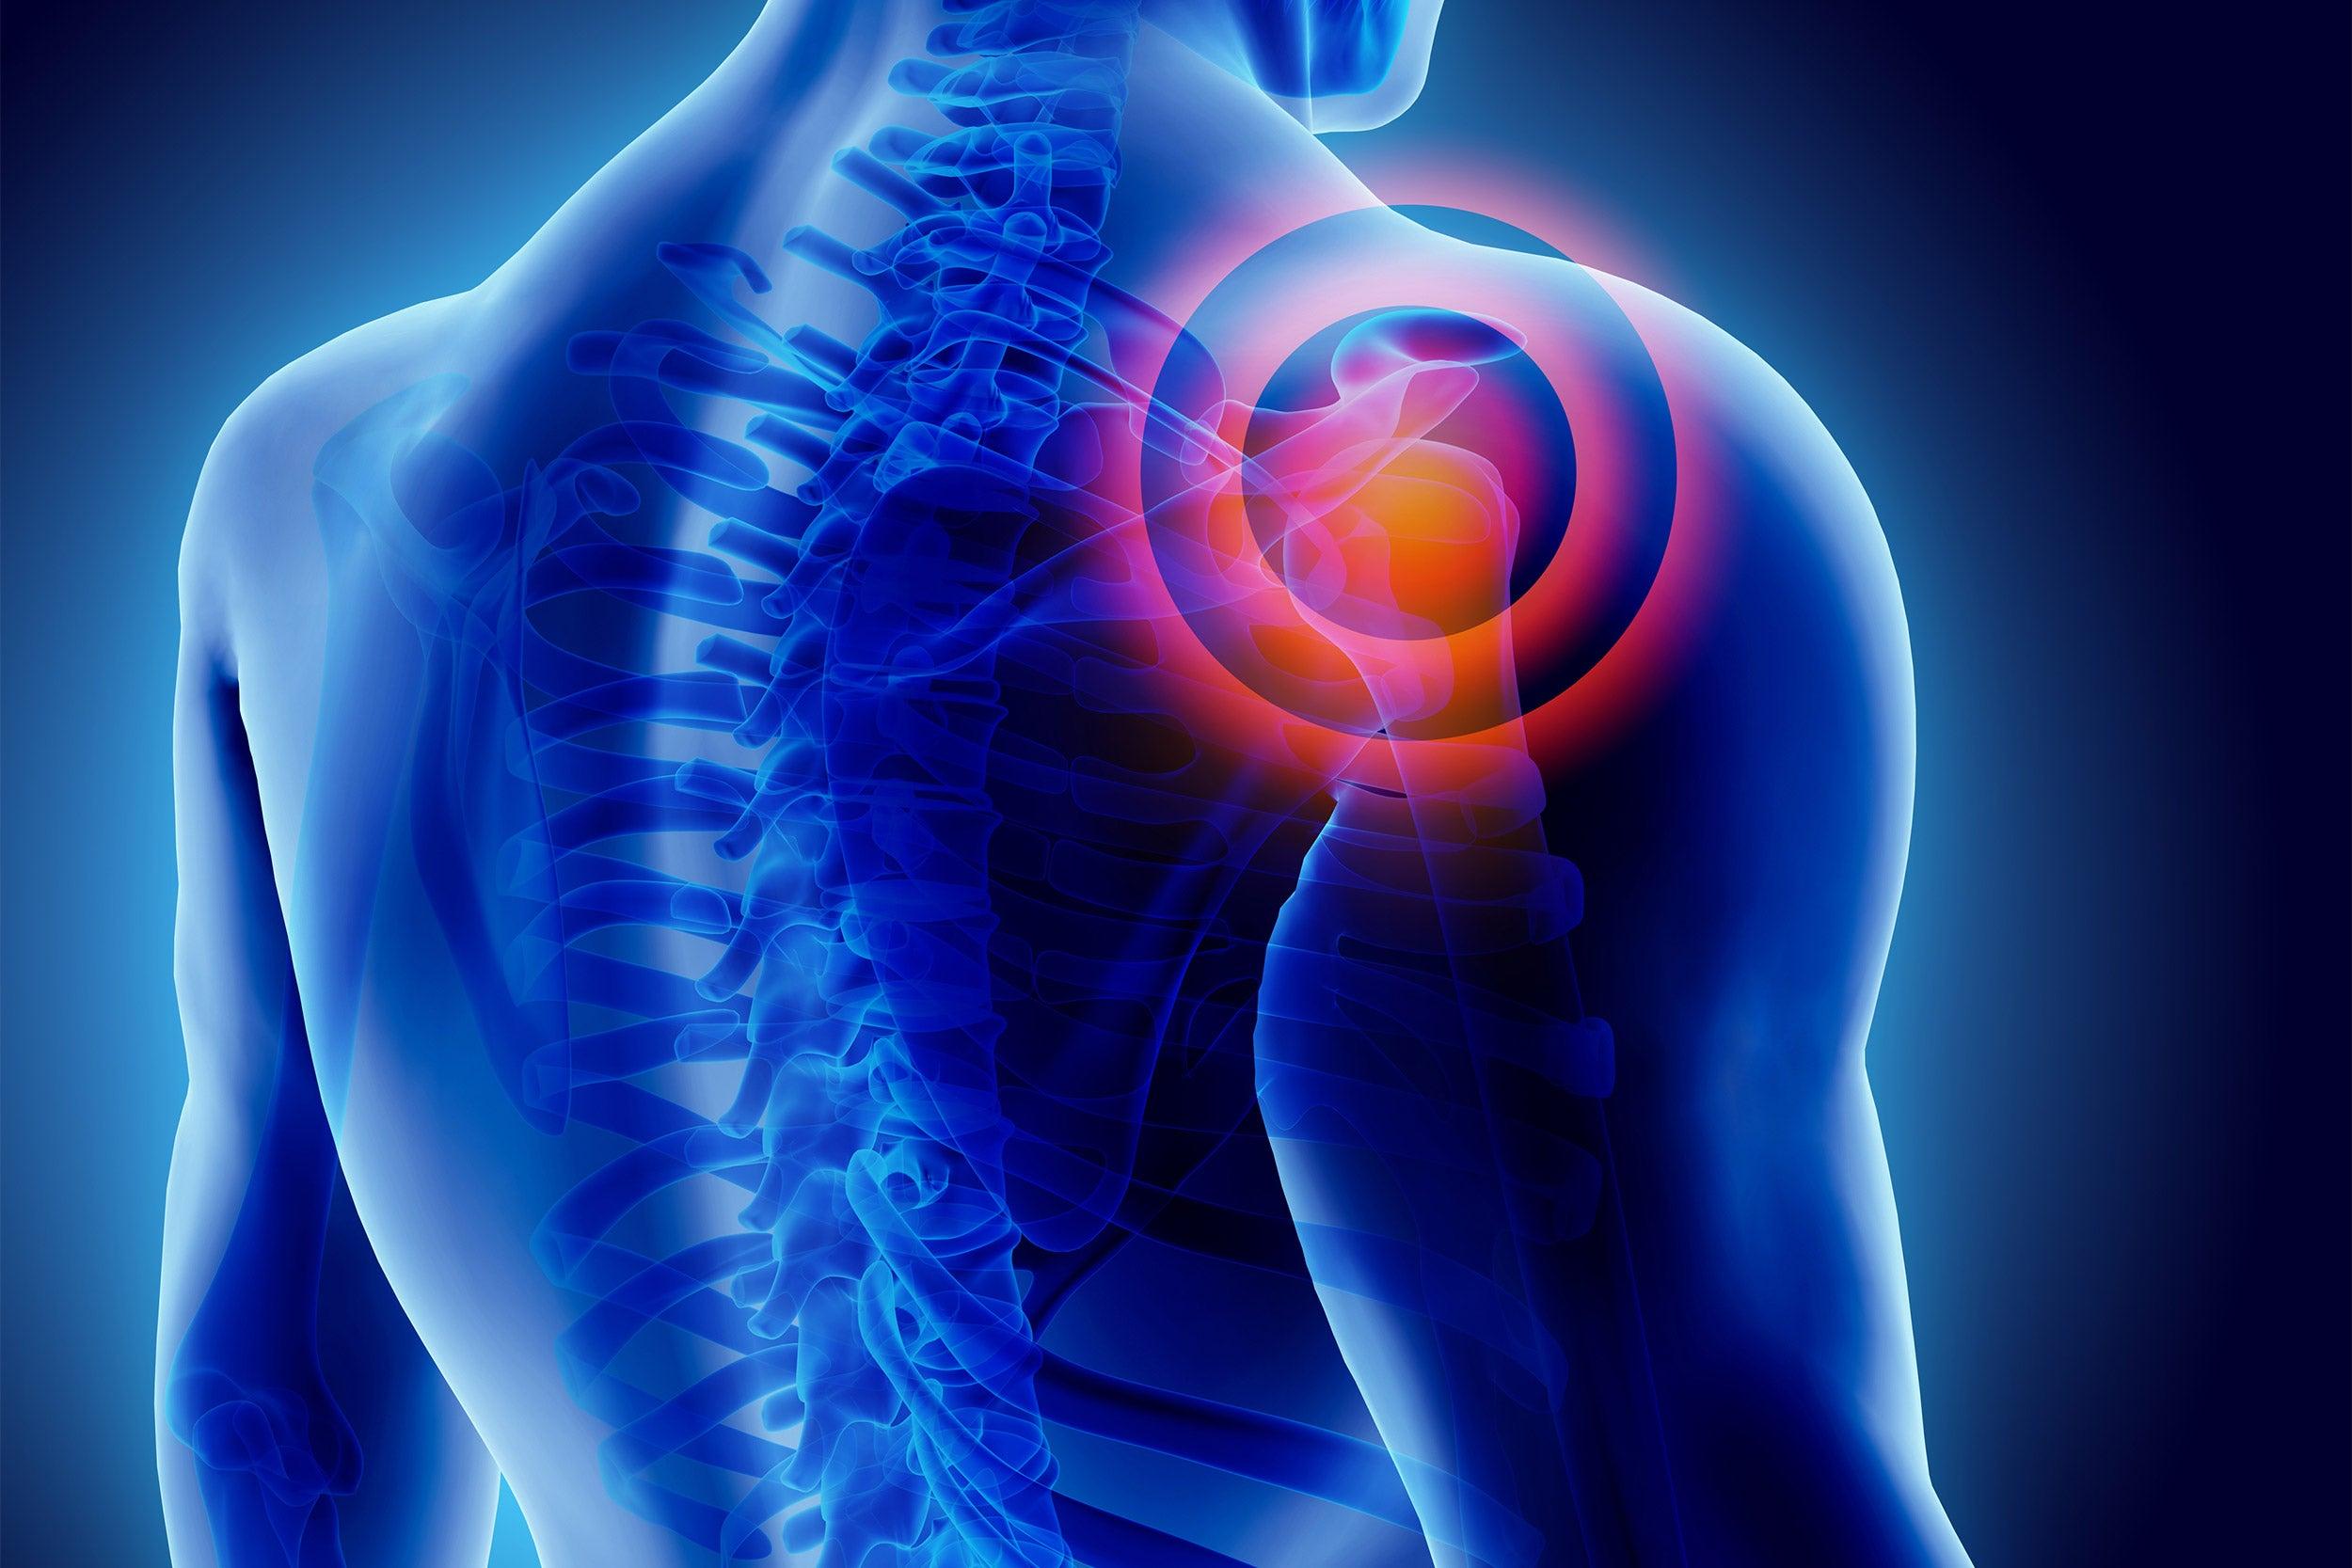 3D Illustration of shoulder painful,